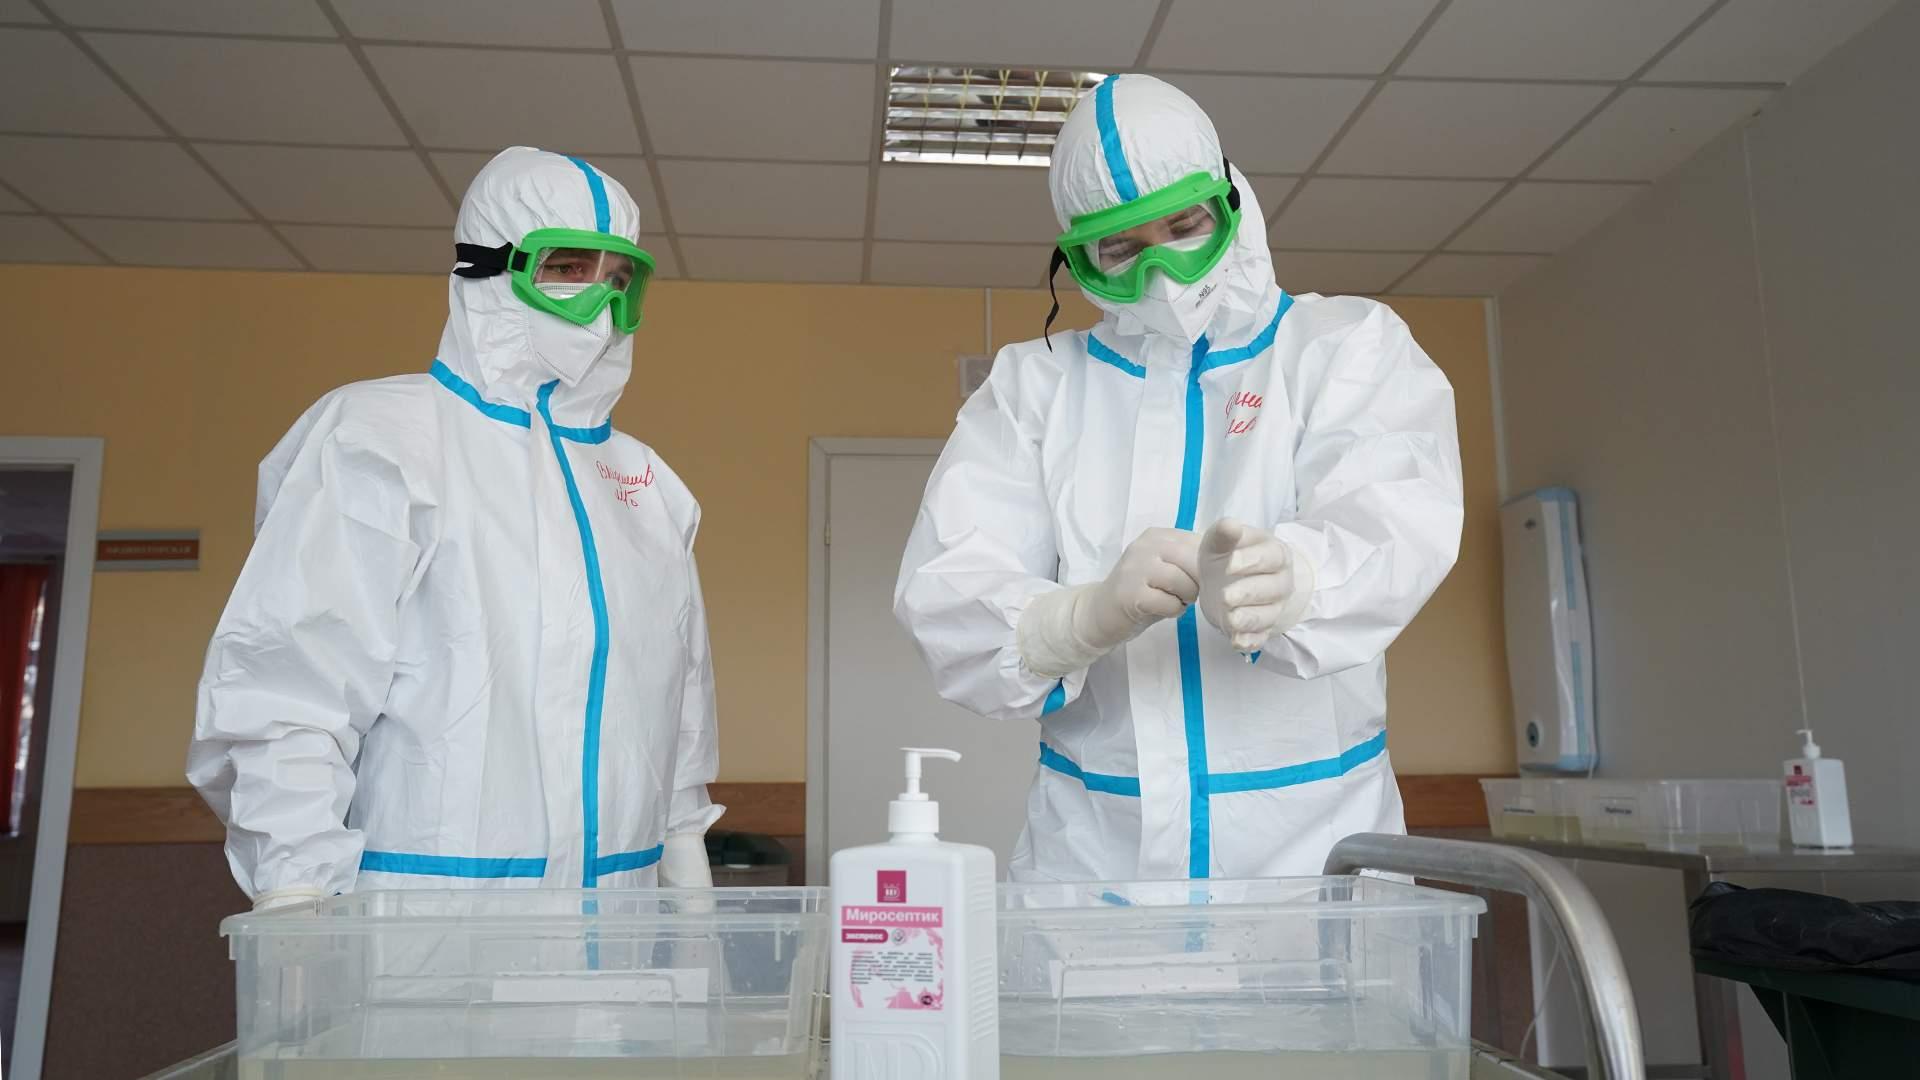 Дневная сменка: создан многоразовый комбинезон для защиты от коронавируса |  Статьи | Известия